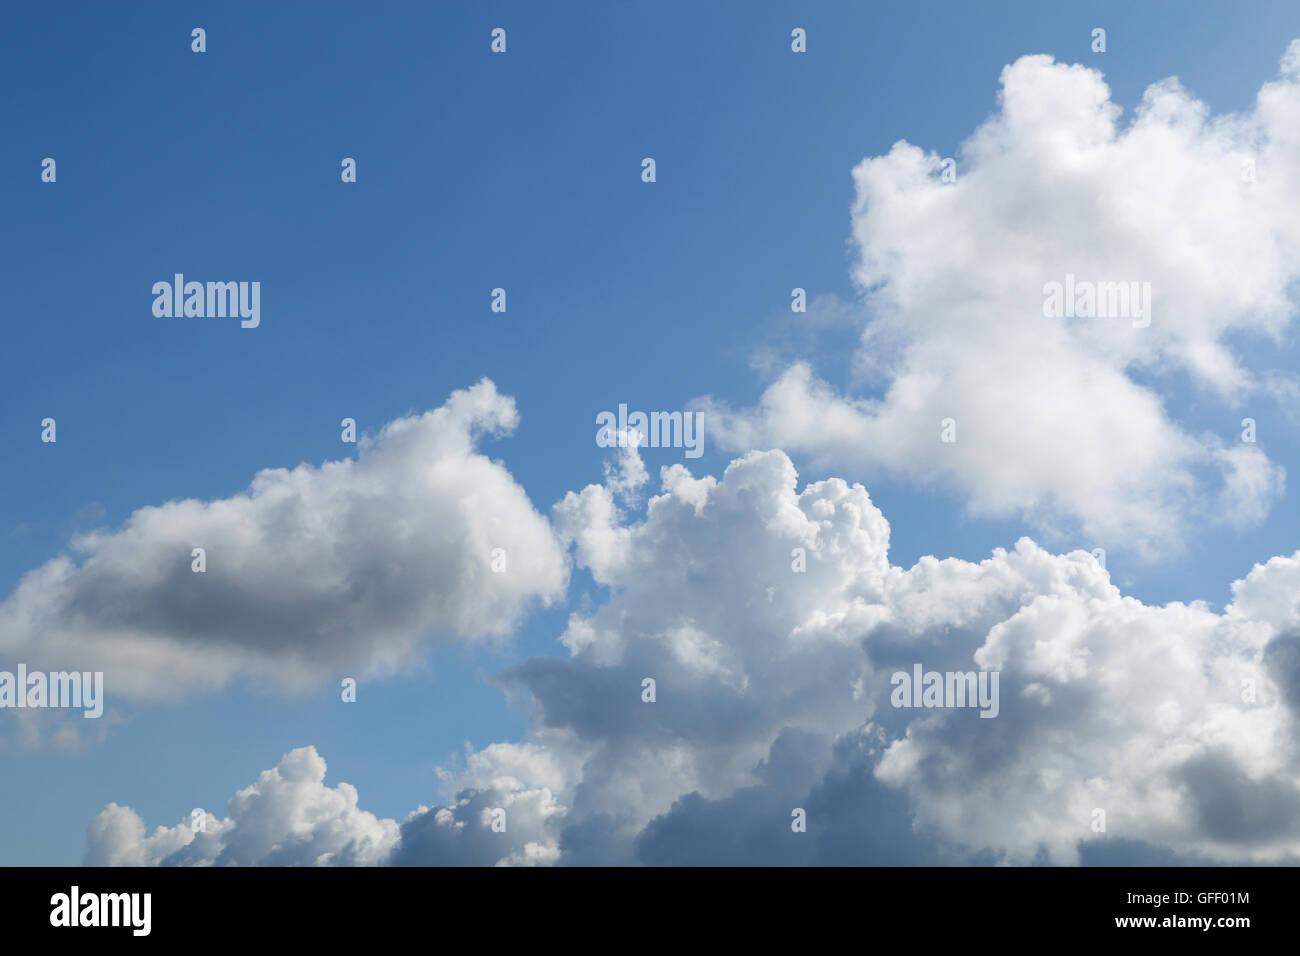 cumulonimbus cloud and blue sky #2 - Stock Image